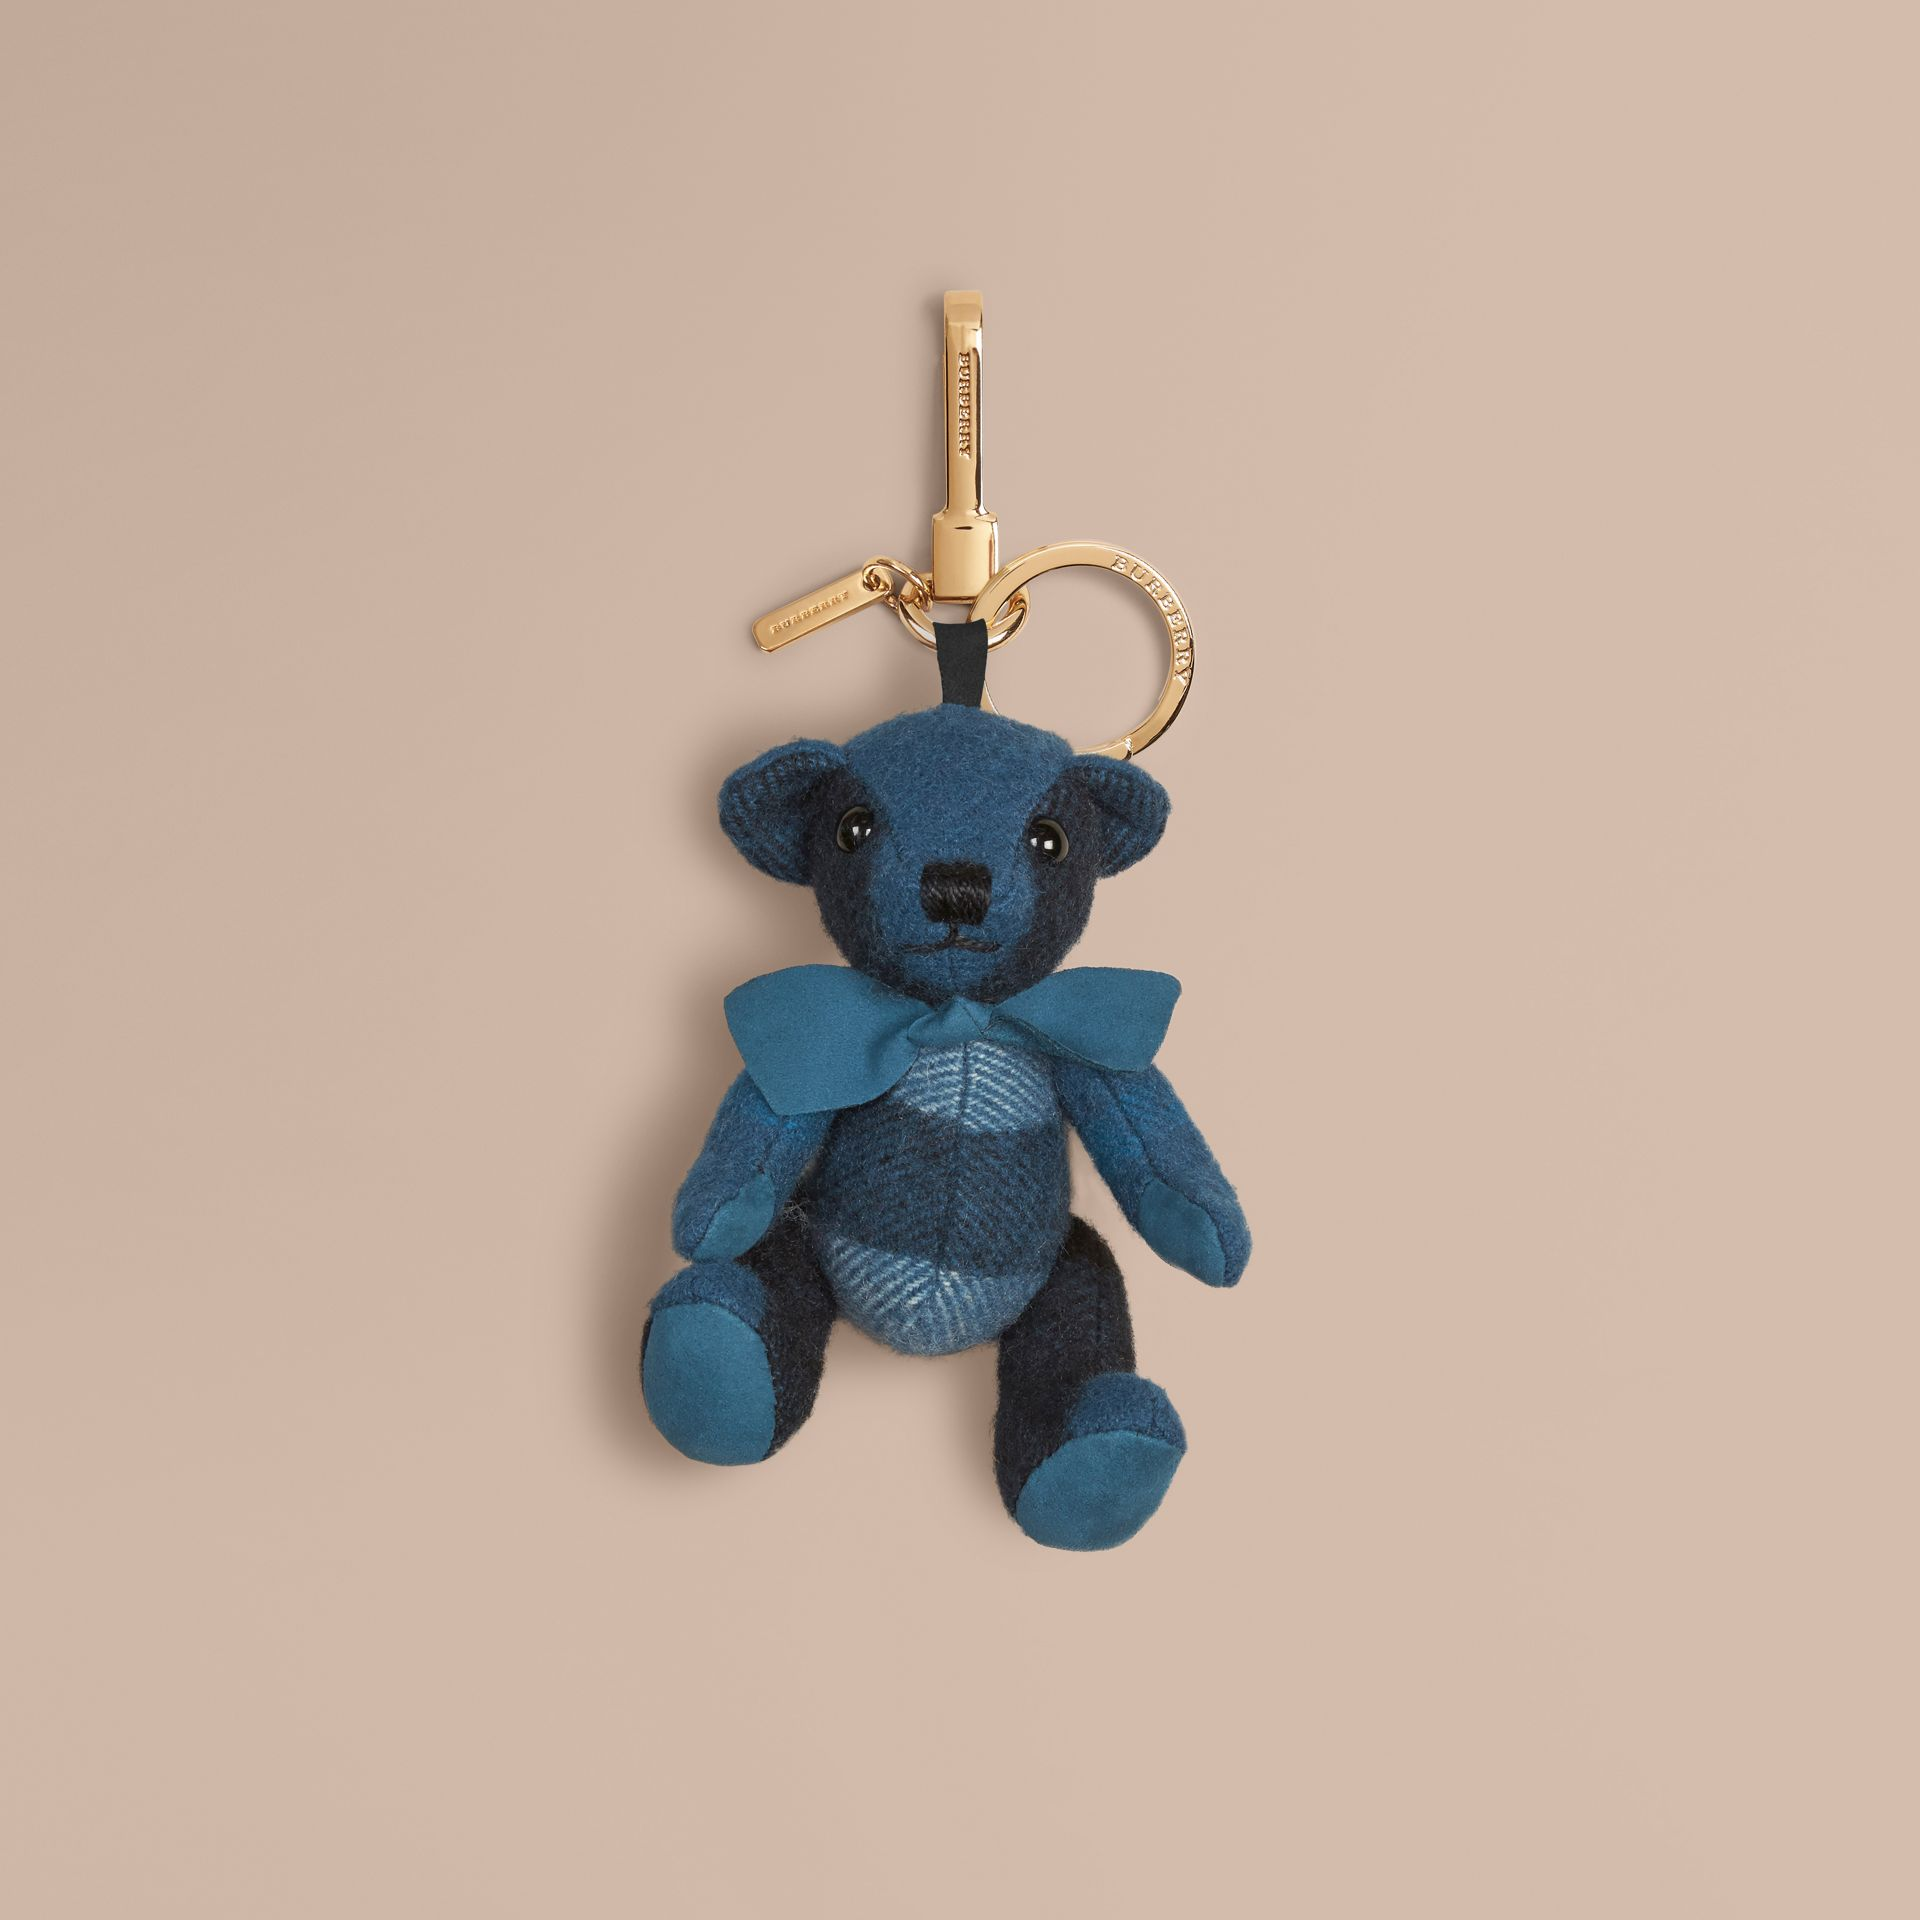 格紋喀什米爾 Thomas 泰迪熊墜飾 暗水色 - 圖庫照片 1